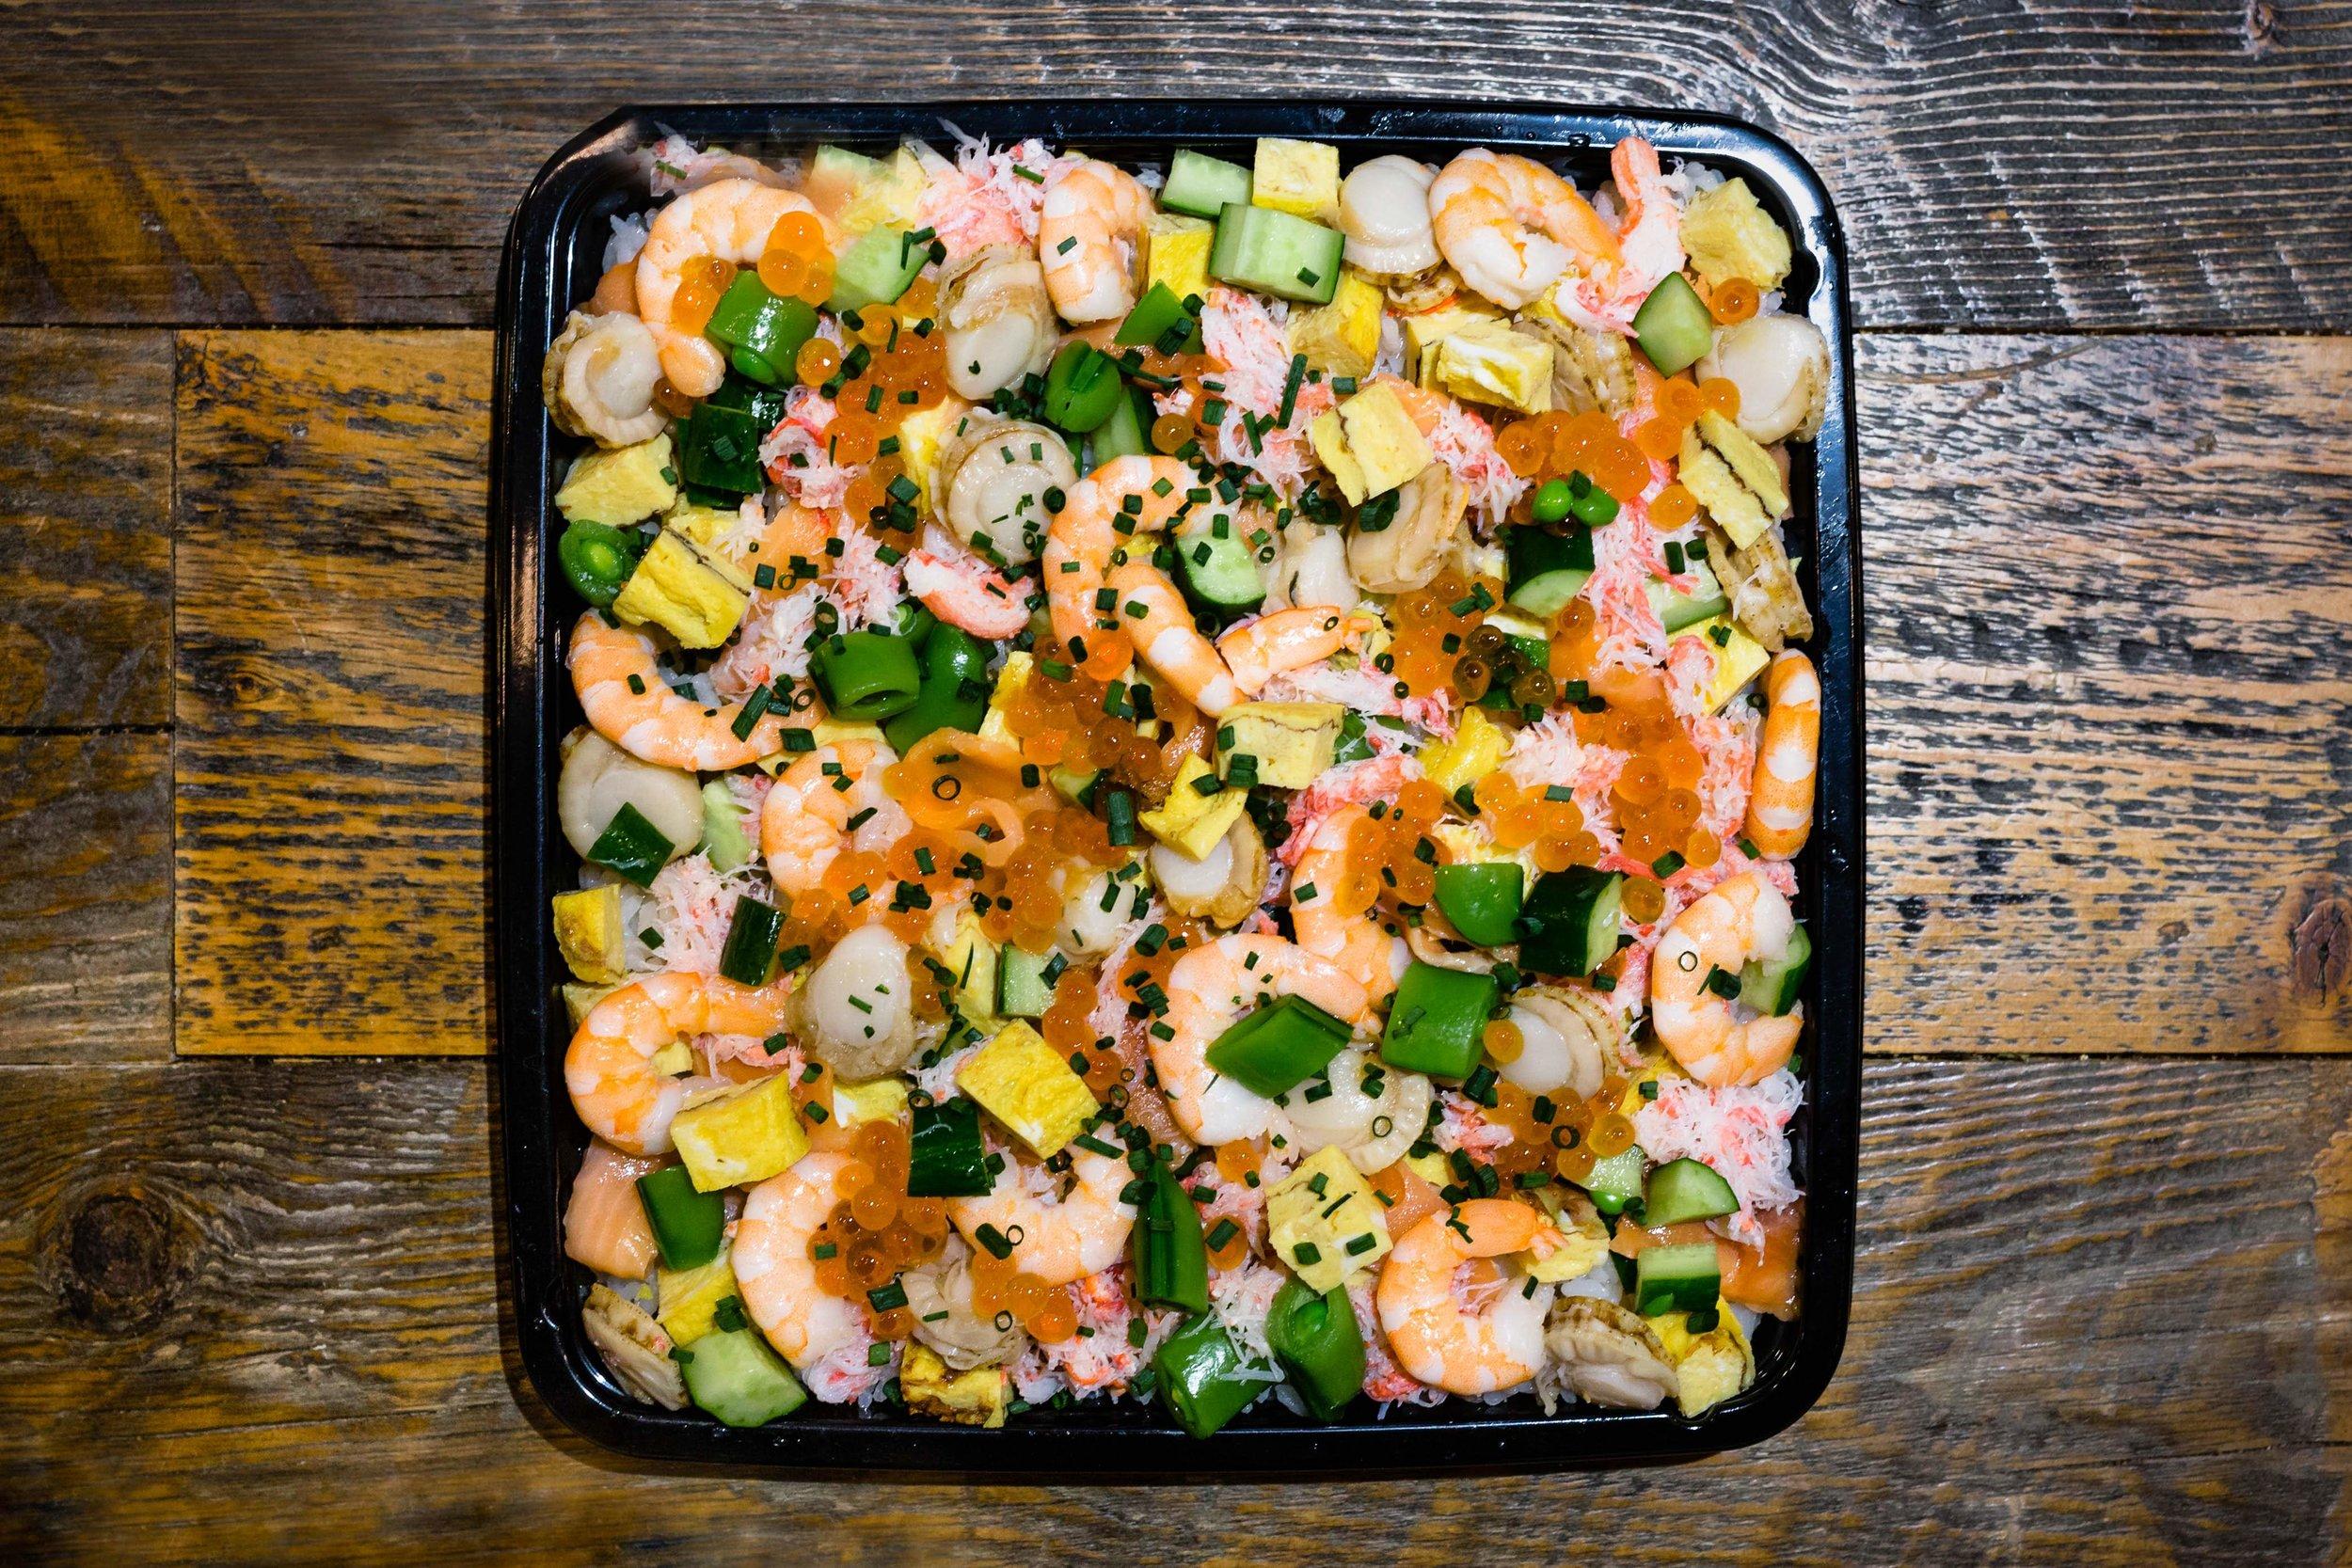 バラちらし寿司5名様分 ¥4,000 - すし飯の量は650gとボリューム満点!彩り豊かに仕上げてあります。テーブルの上を華やかに演出します。